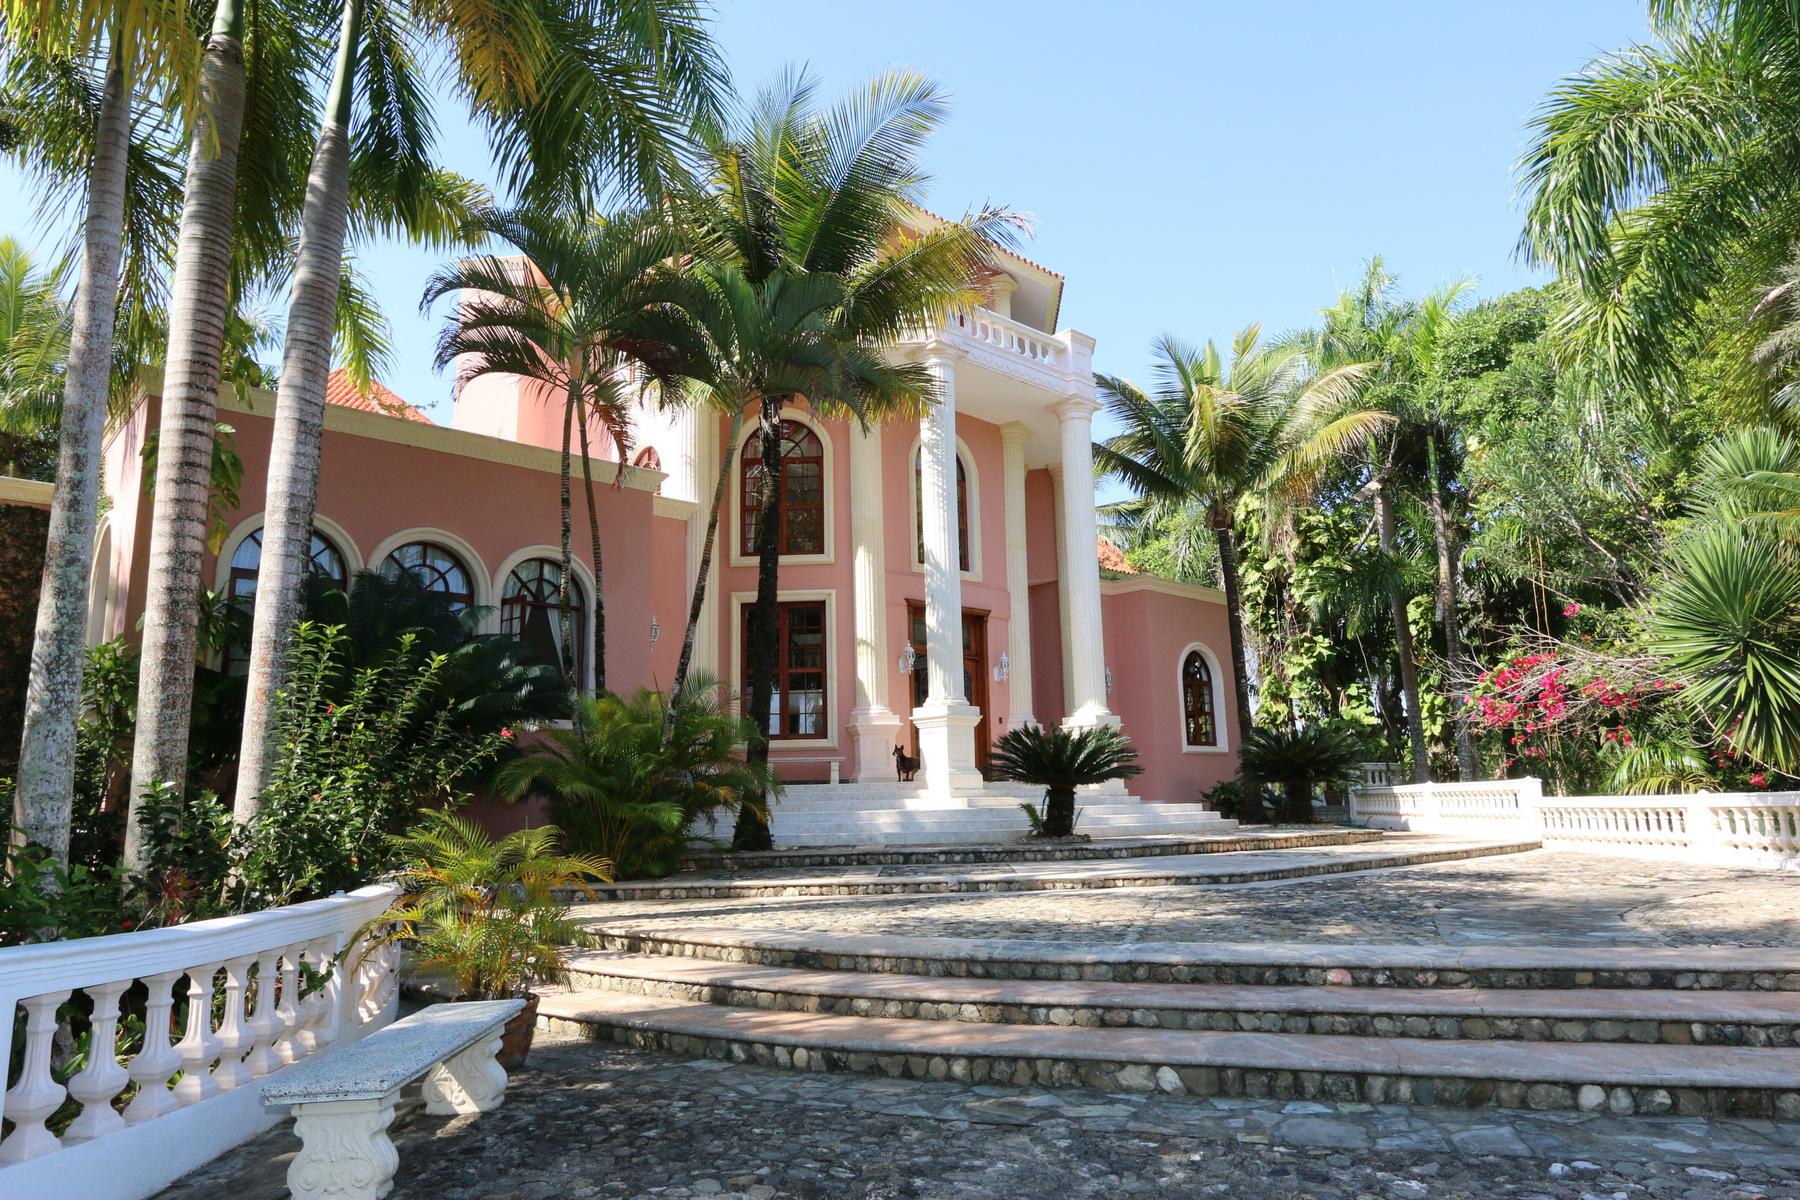 Single Family Home for Sale at Villa Palme Cabarete, Puerto Plata 57000 Dominican Republic